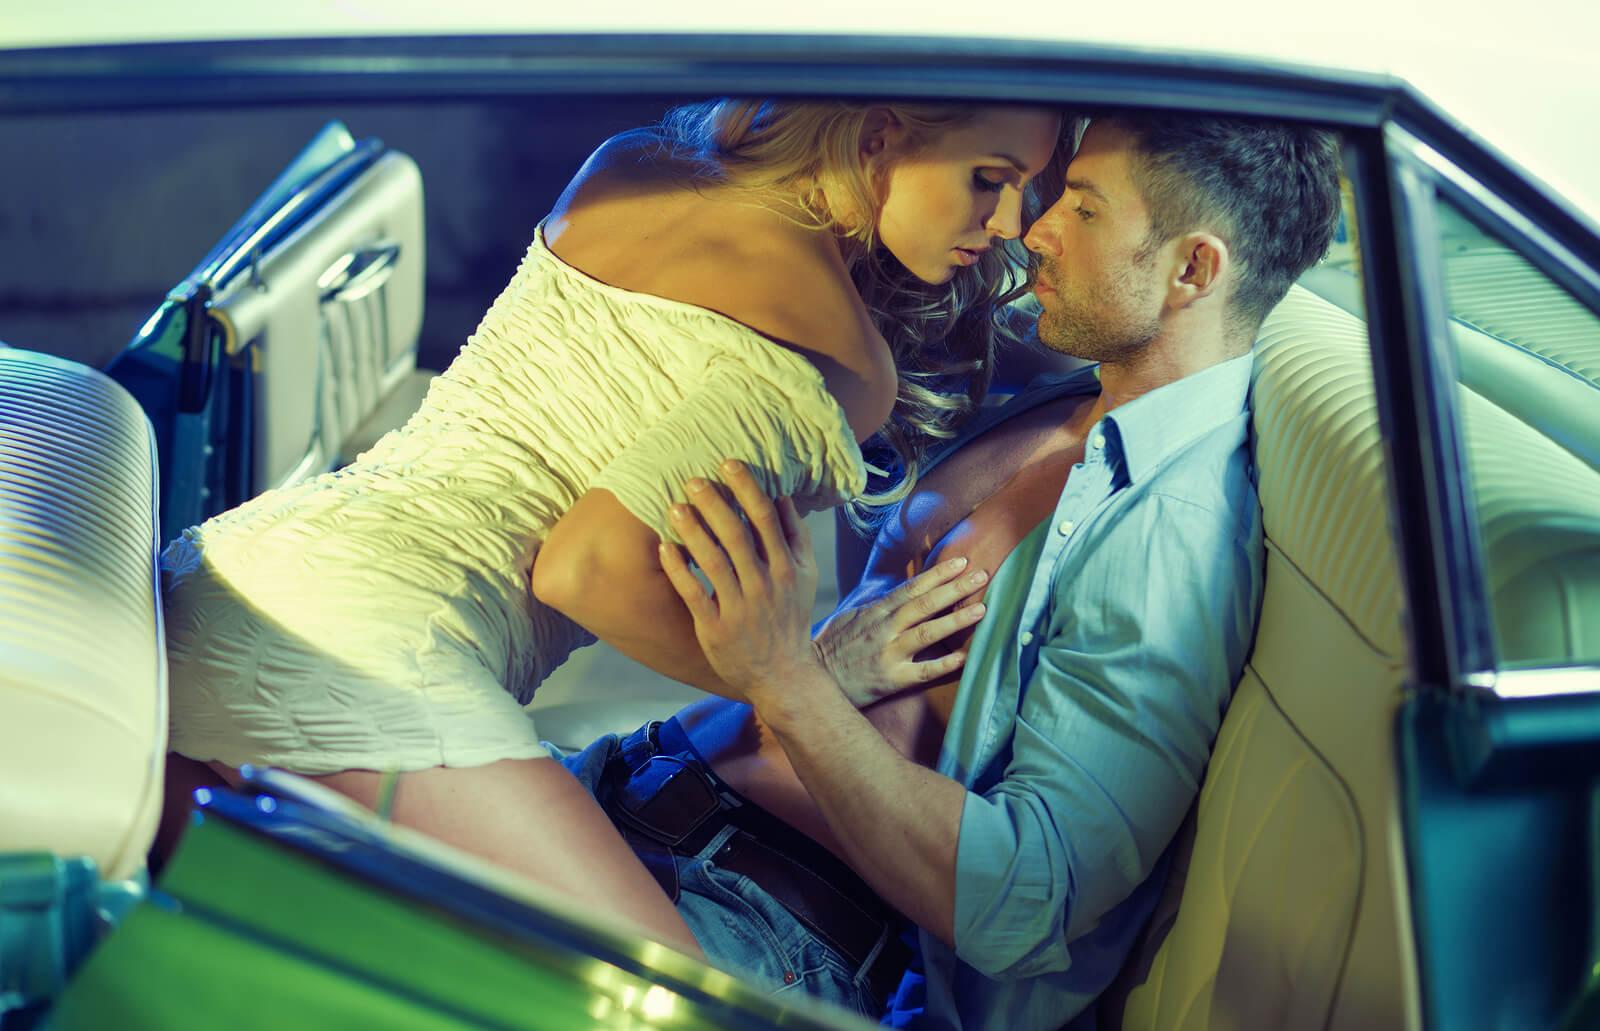 Hãy lựa chọn nơi kín đáo để quan hệ trên xe ô tô nếu không muốn bị quay lén